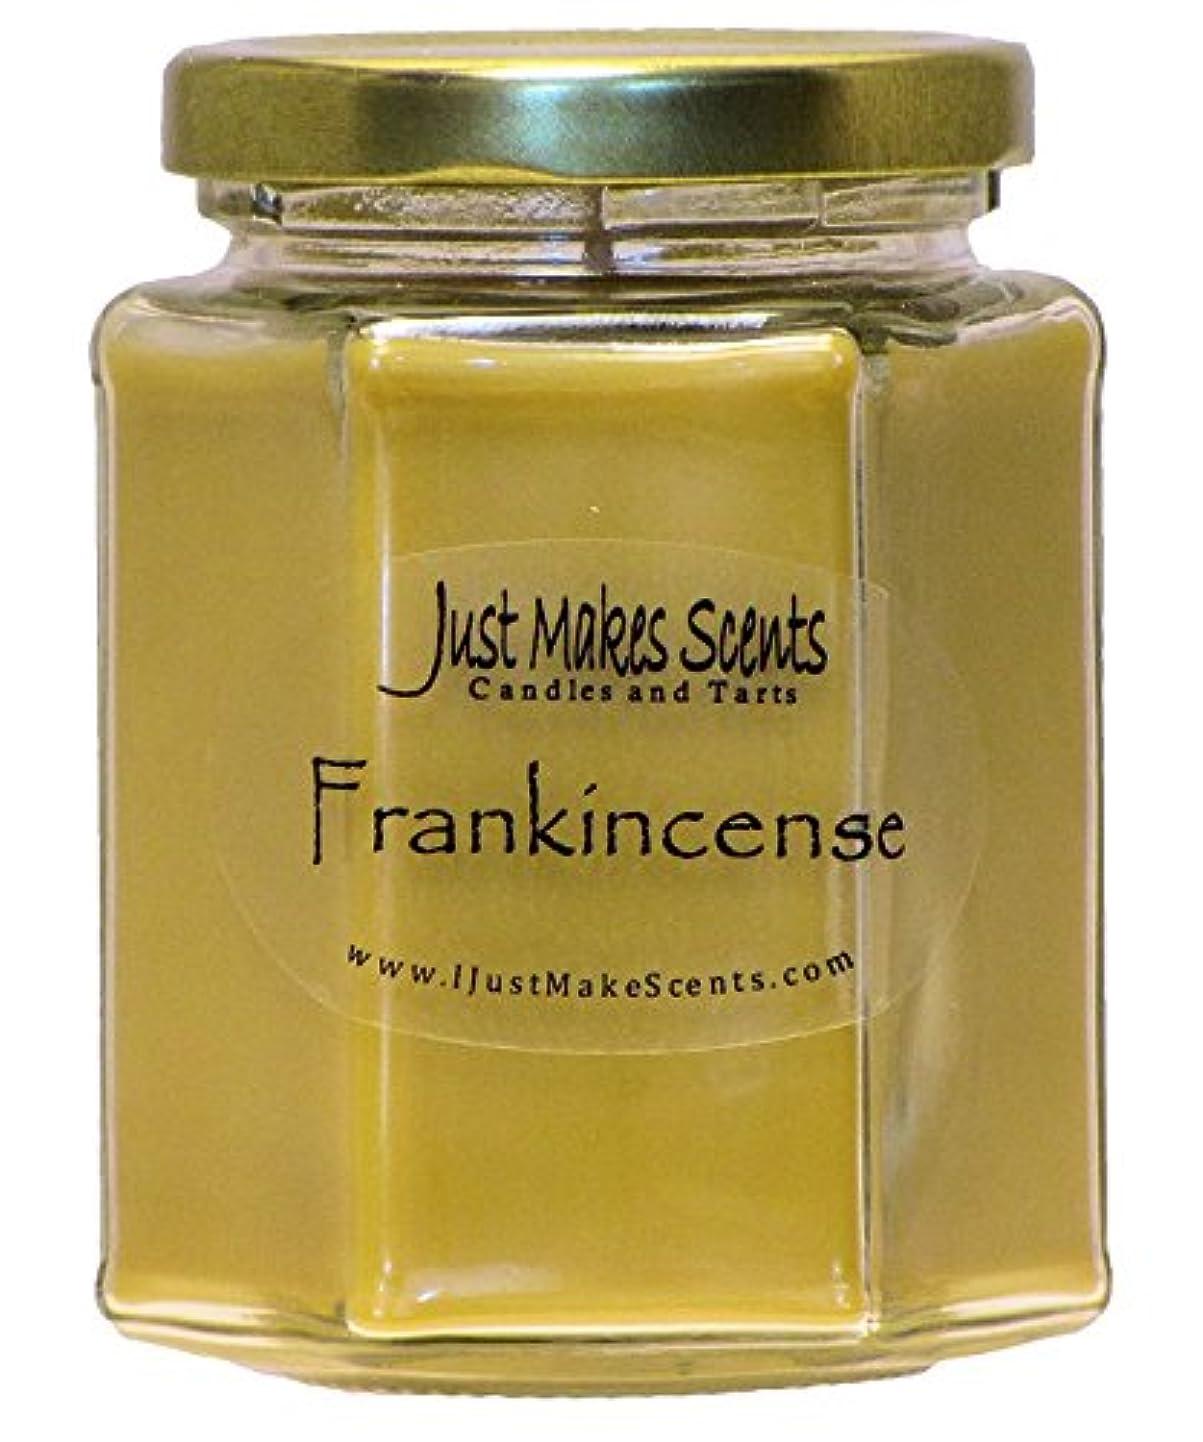 簡略化するタフ力学Frankincense香りつきBlended Soy Candle by Just Makes Scents